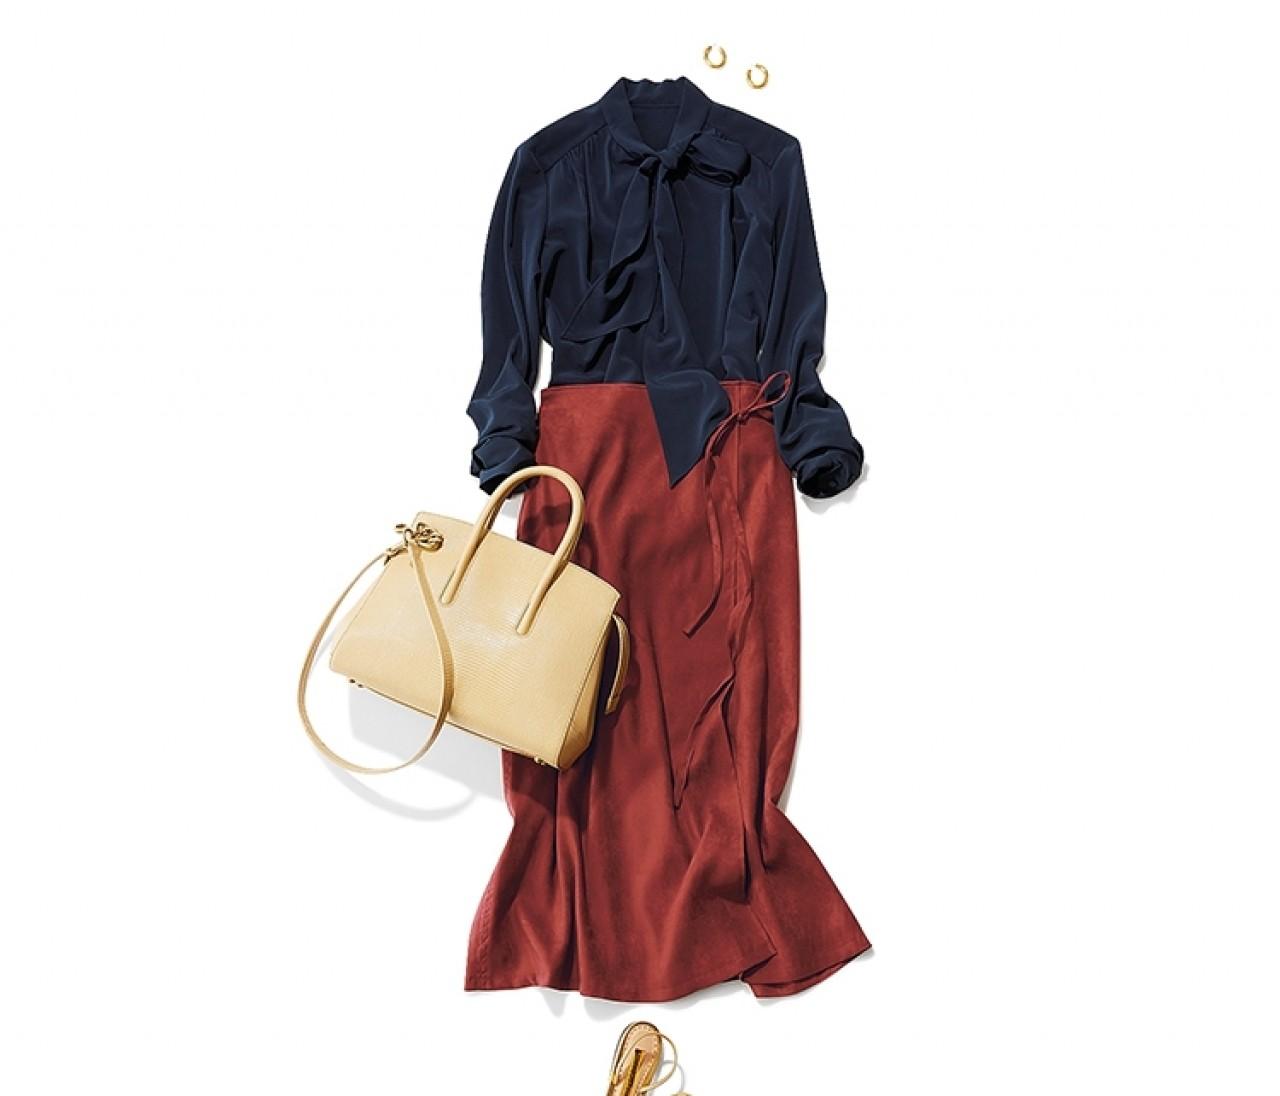 祖母と銀座にお出かけする日は、エレガントなボウタイブラウス×秋色スカートスタイル【2019/9/14のコーデ】